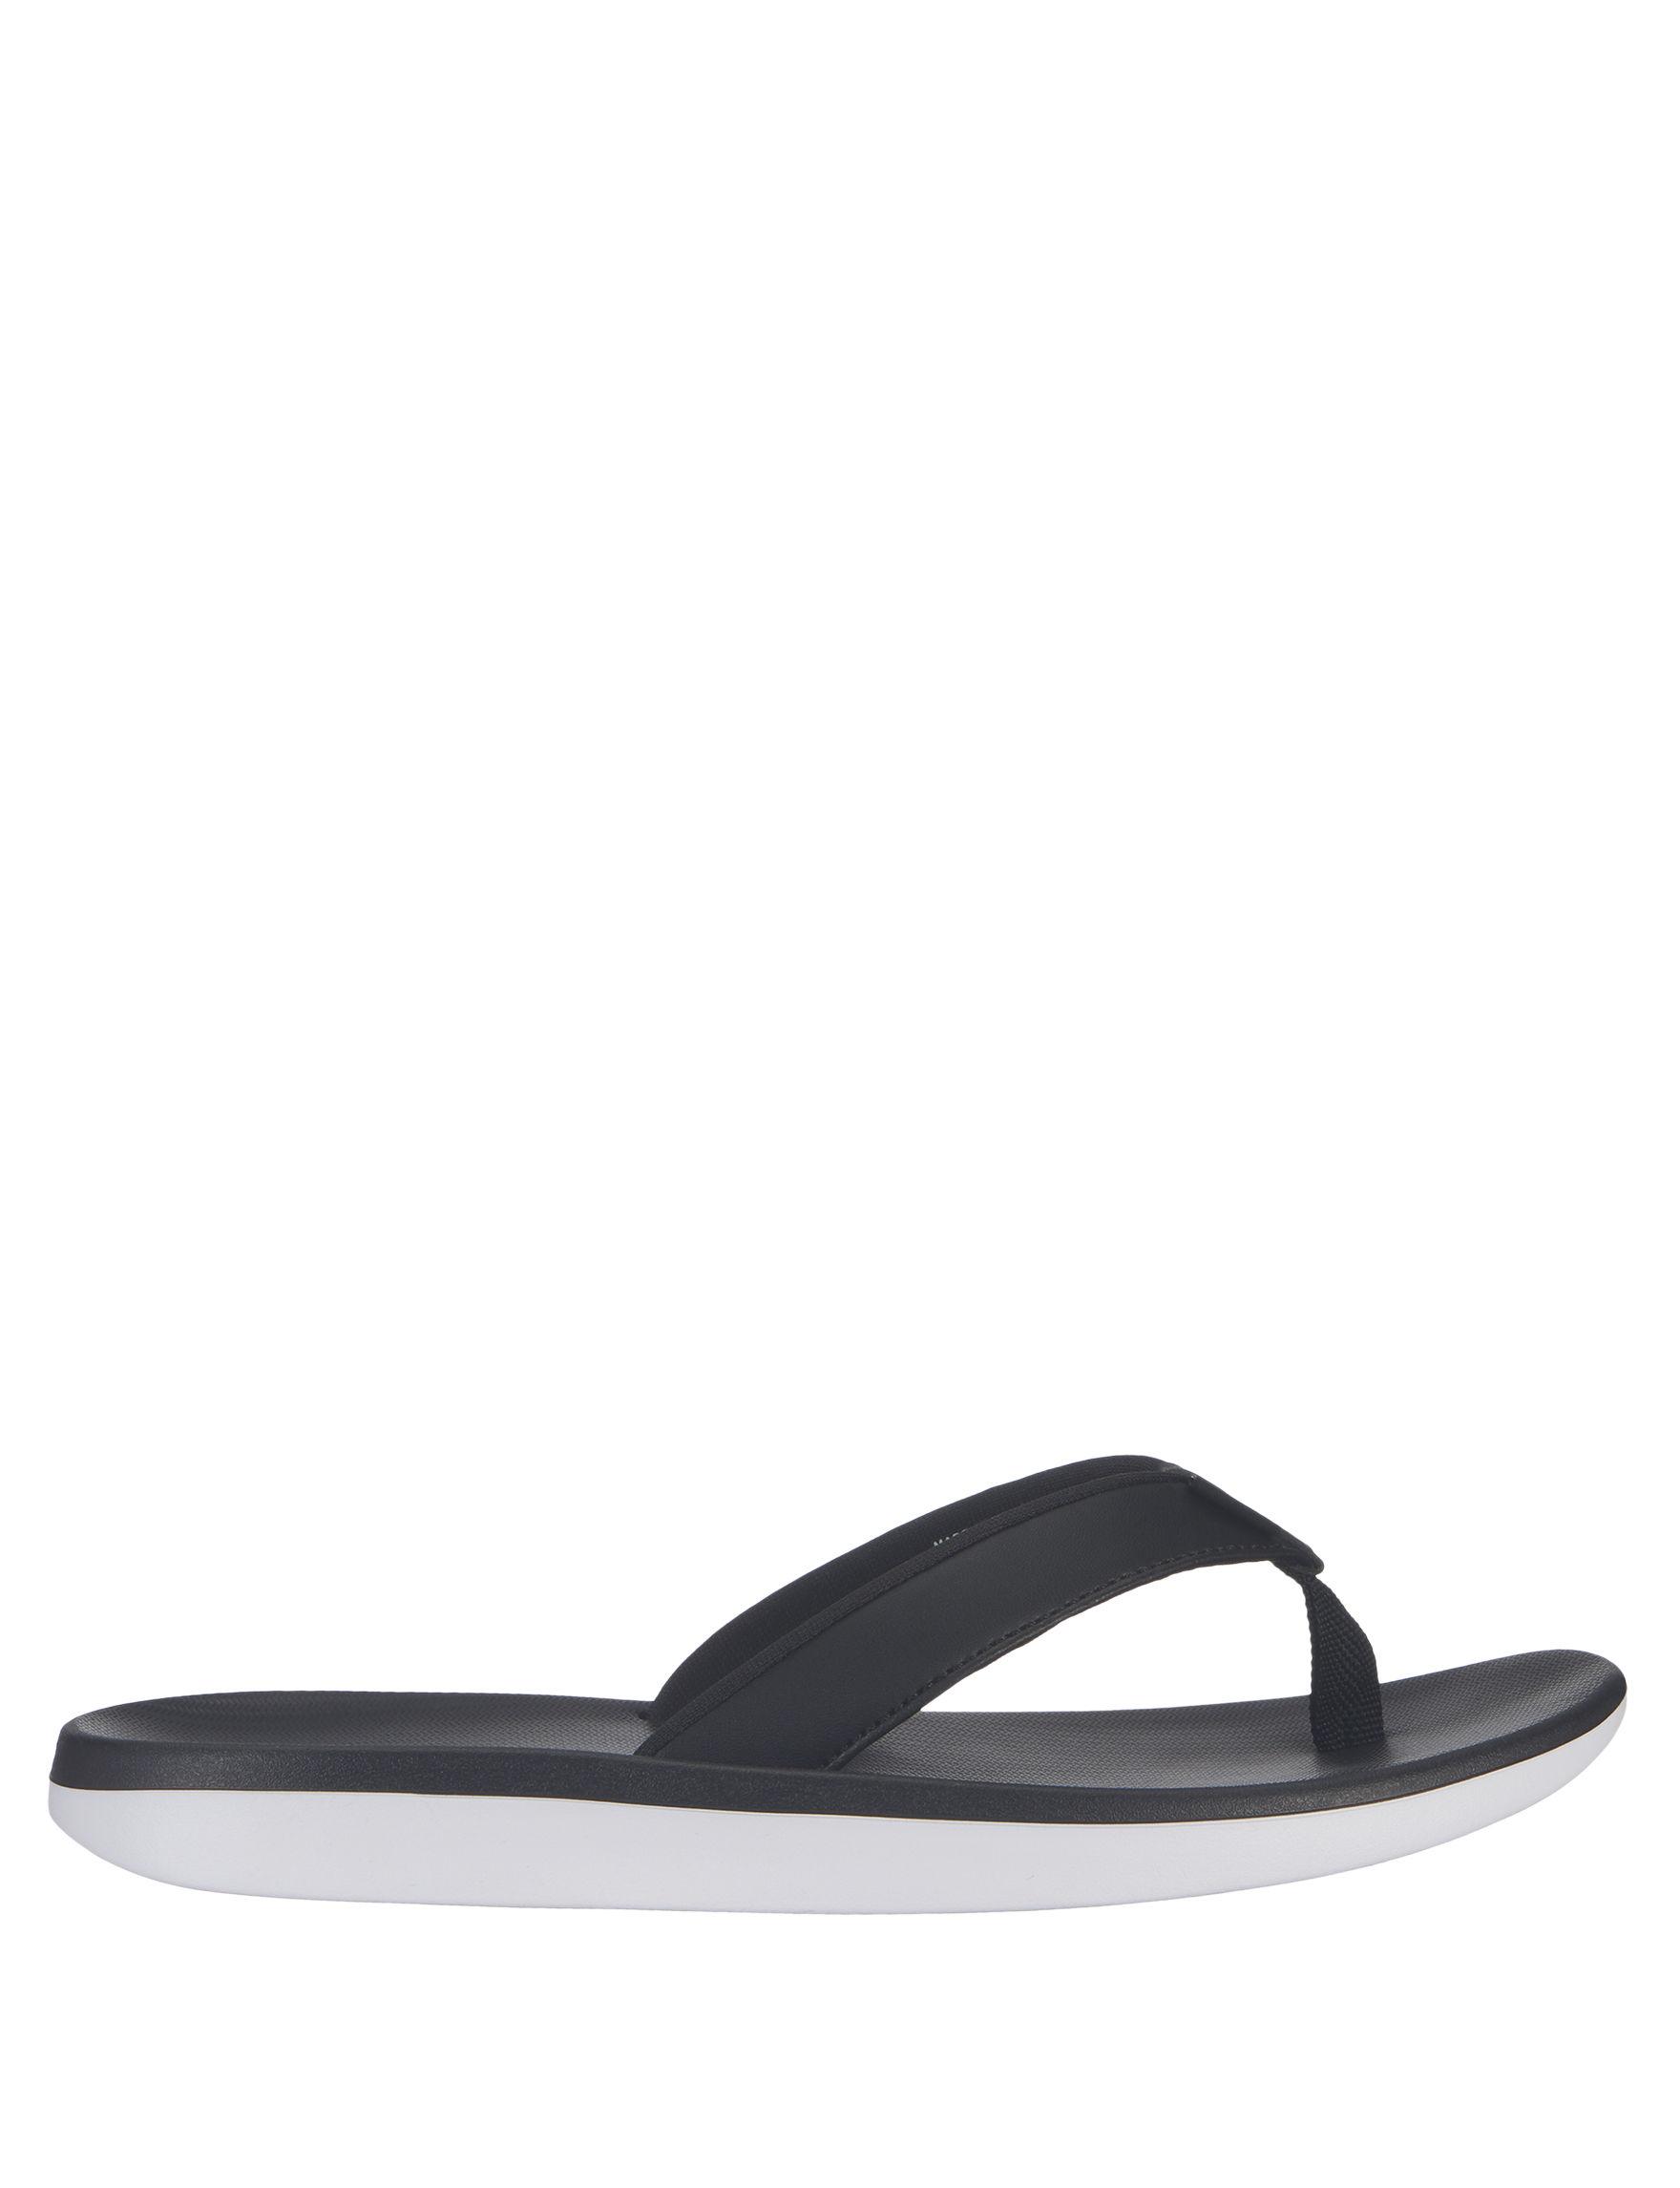 Nike Black Comfort Shoes Flip Flops Sport Sandals